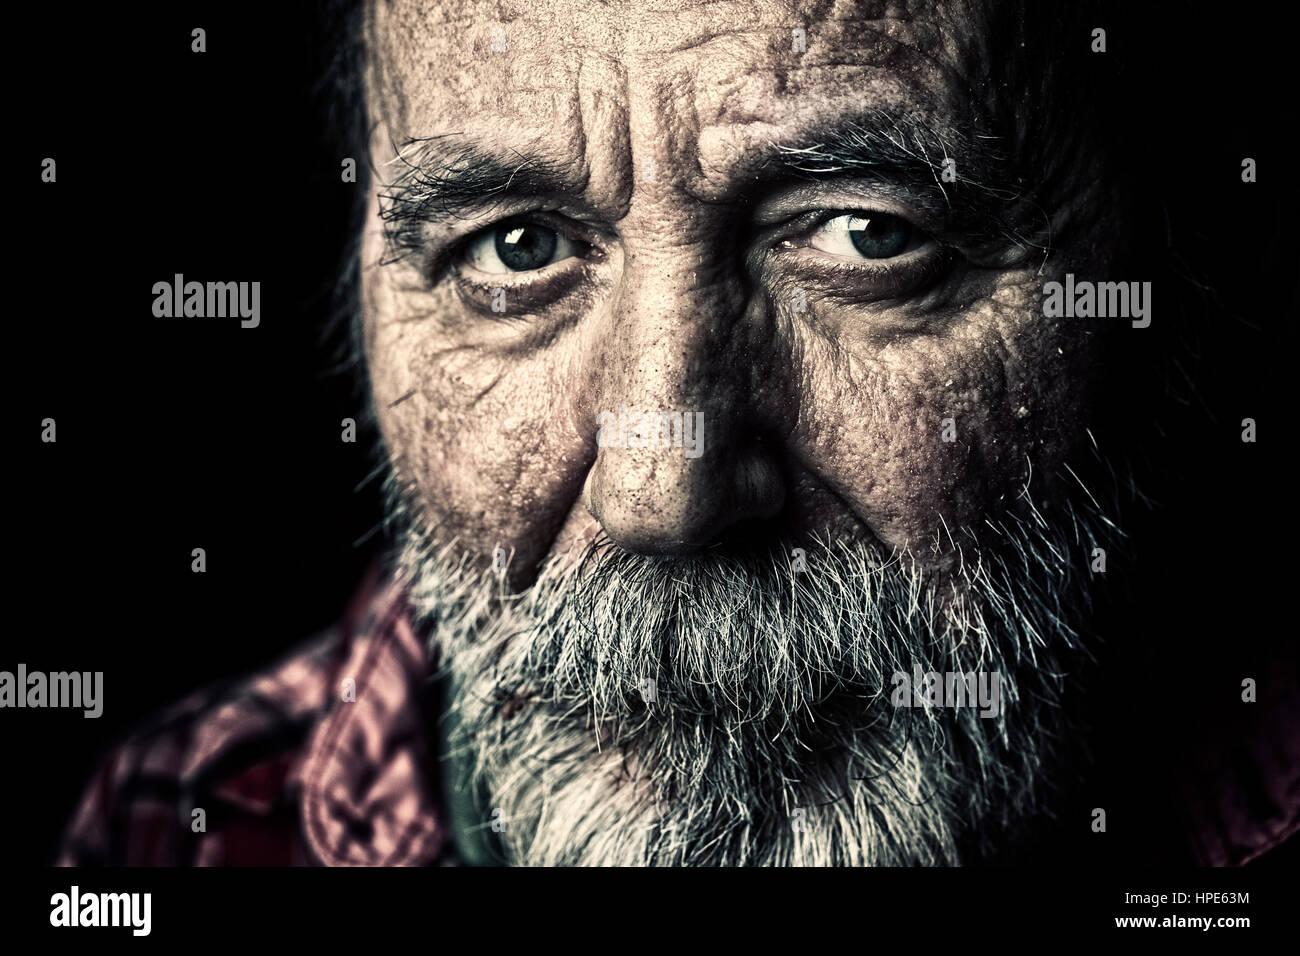 Obdachloser senior Porträt Stockbild